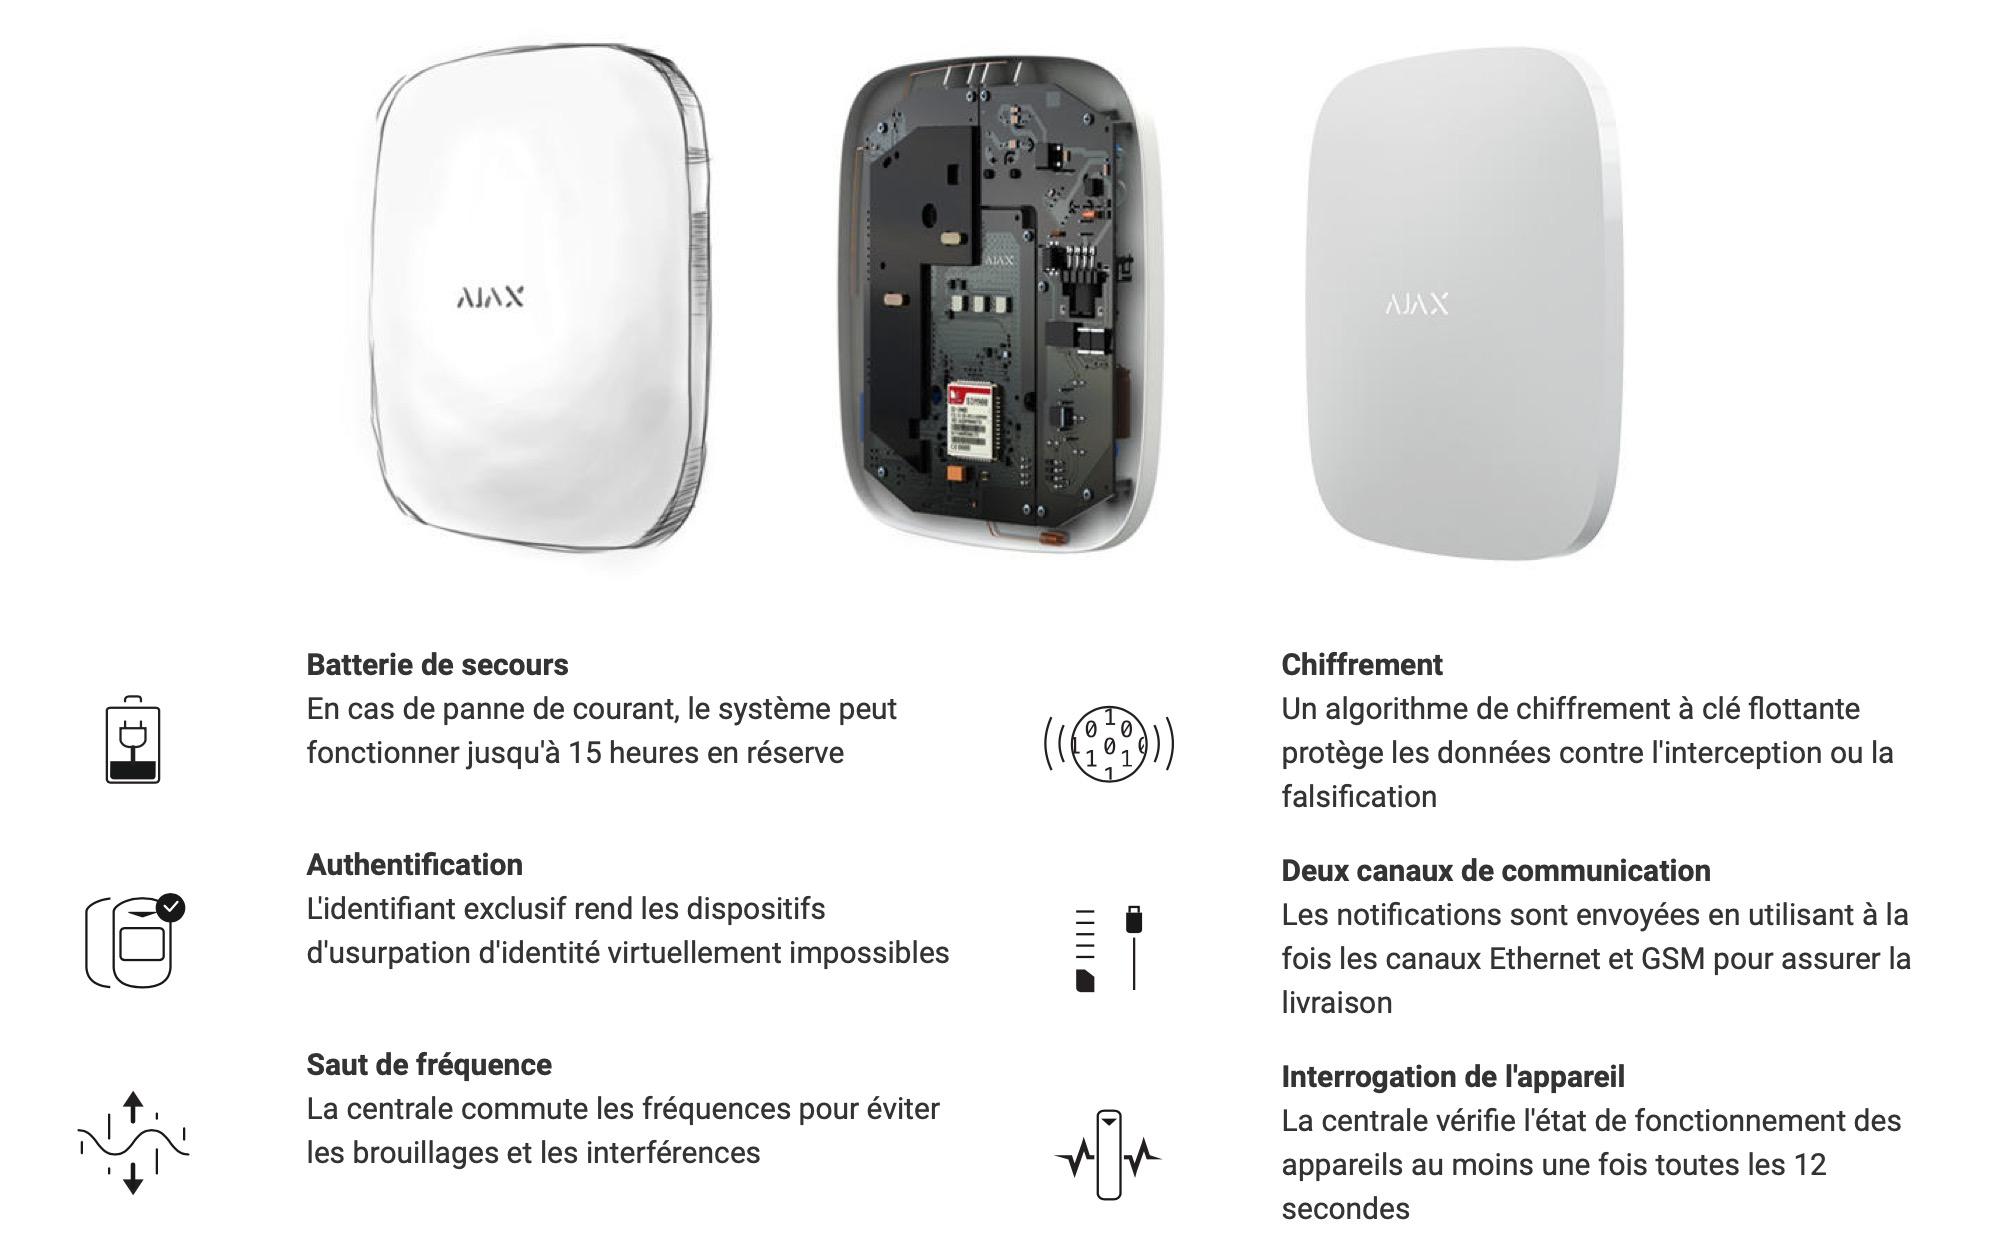 Avantages du système d'alarme sans fil Ajax